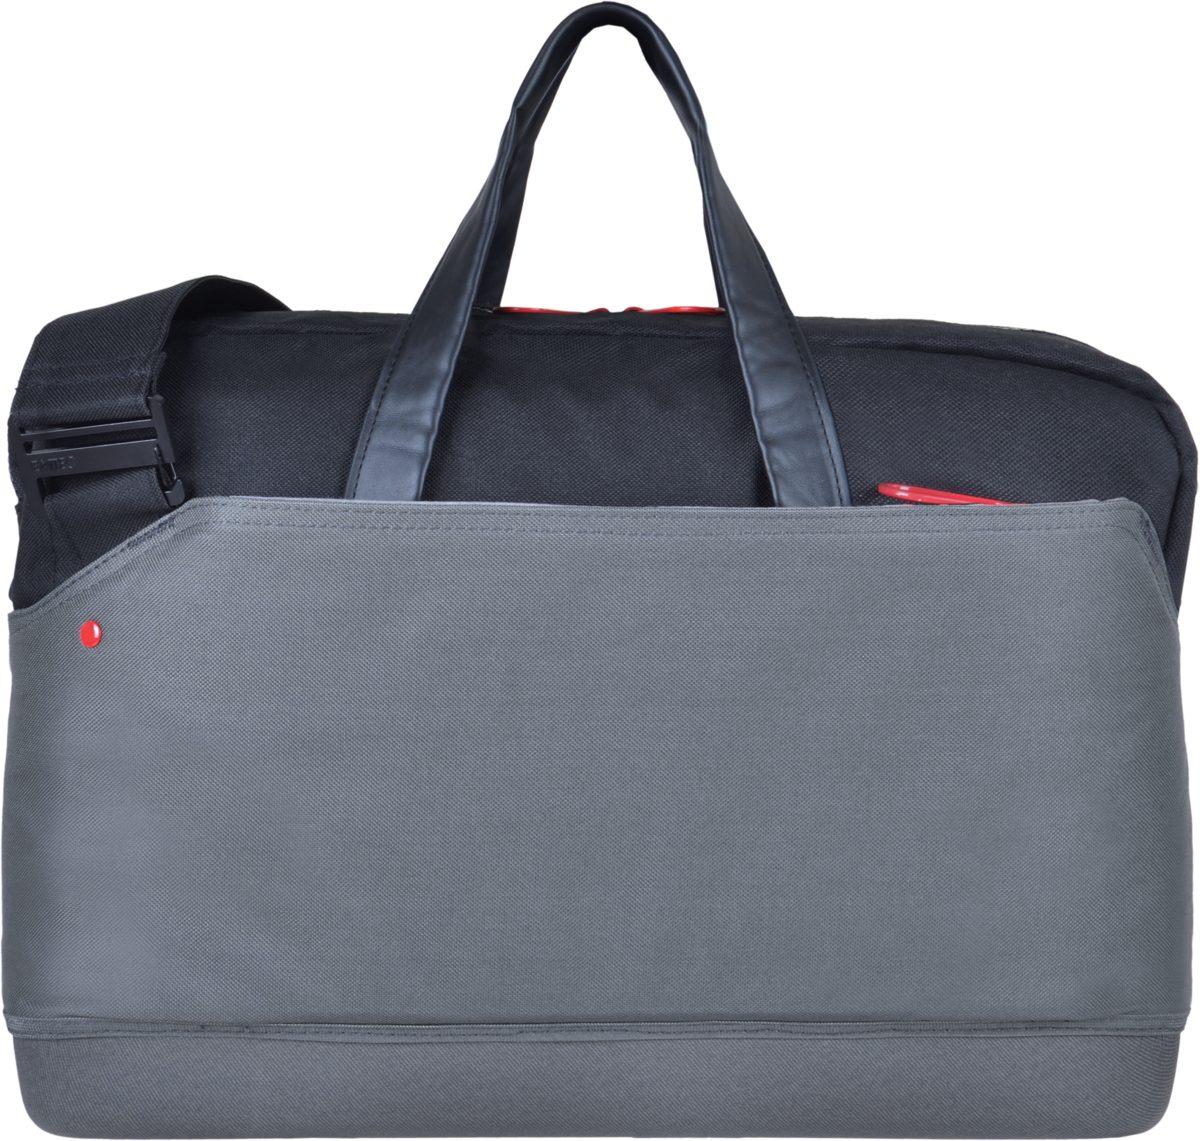 EMTEC Notebooktasche »Traveler Bag M G100 13 Zoll«